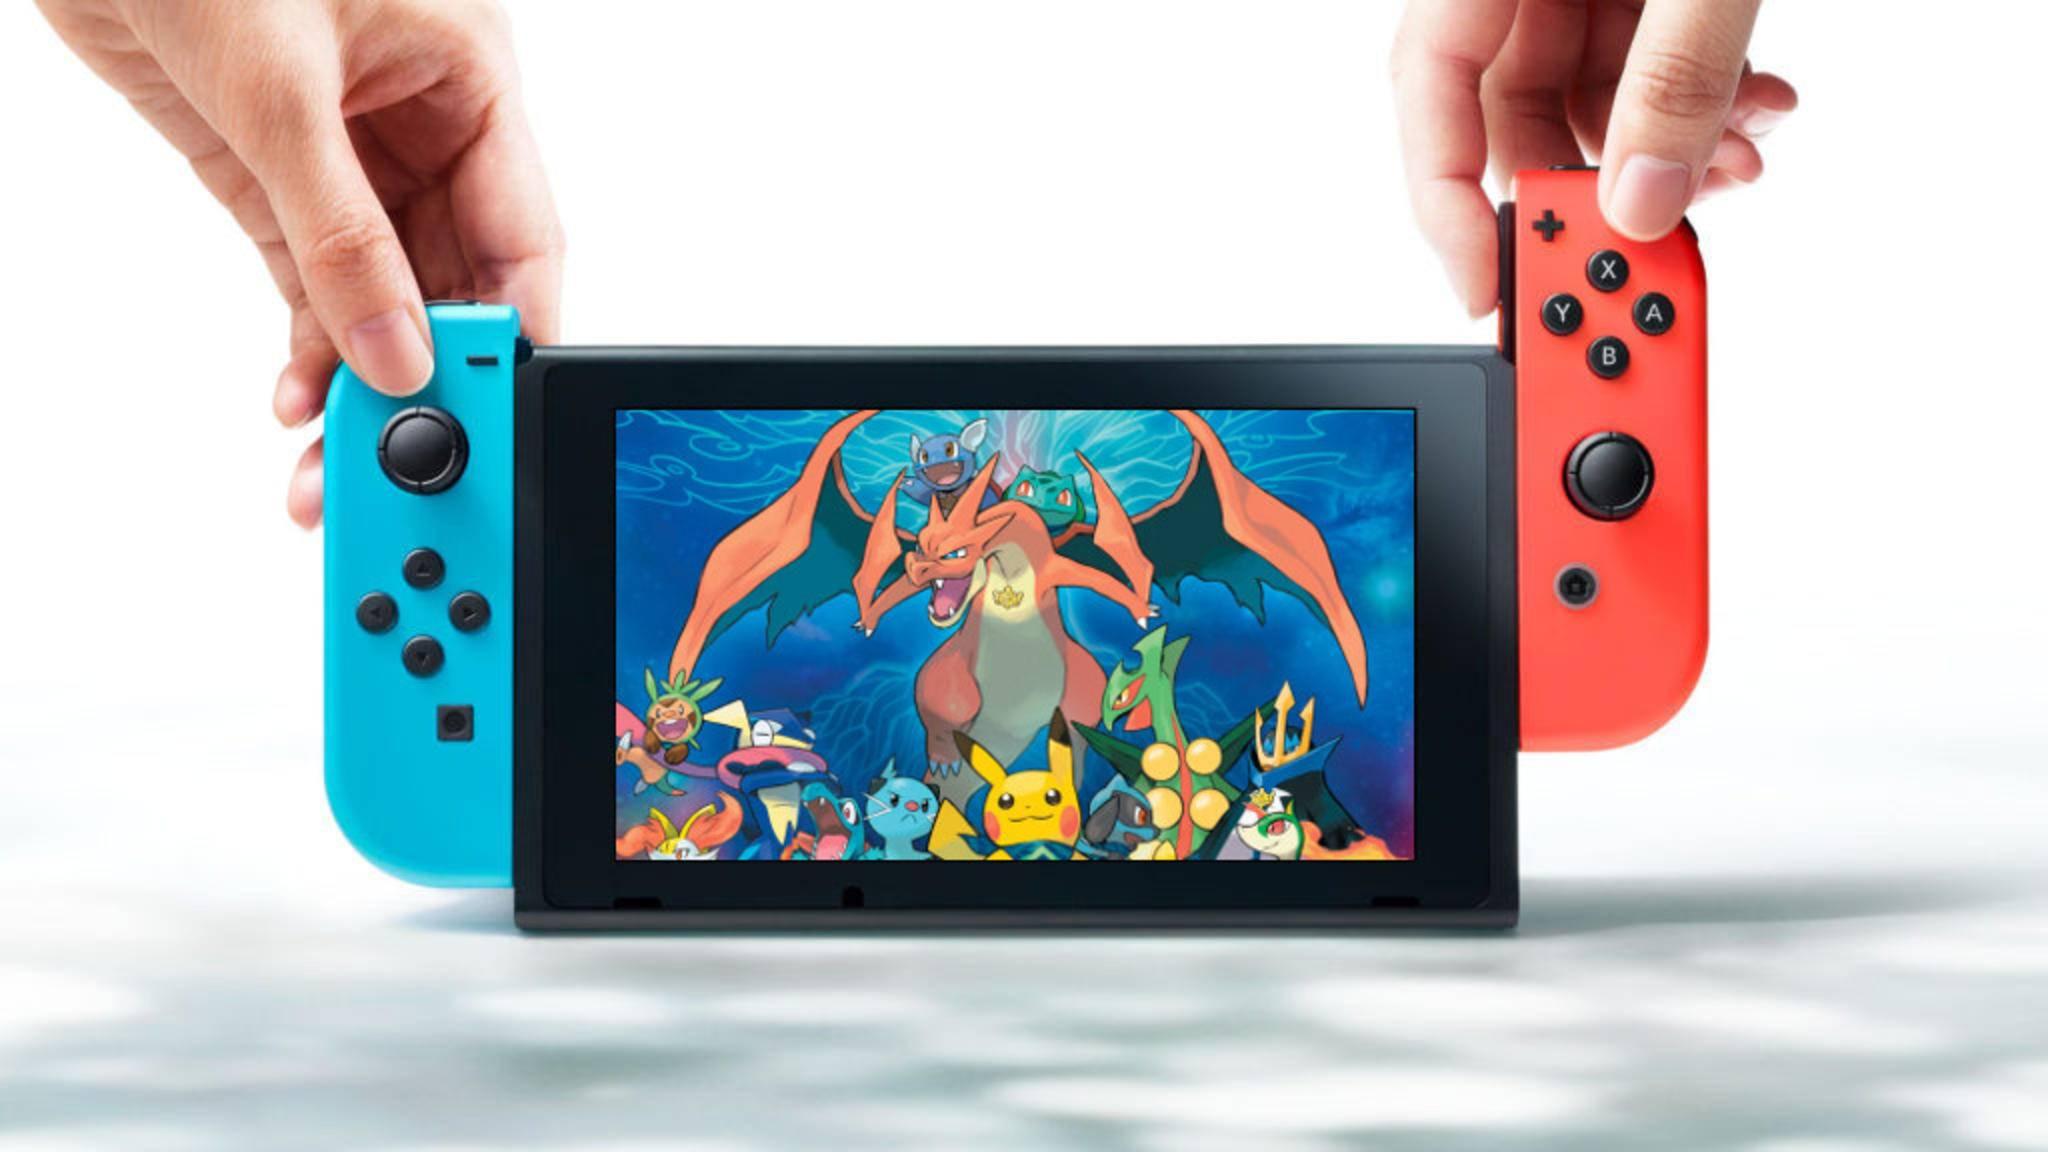 """Ein neues """"Pokémon""""-Spiel für die Nintendo Switch wird mit Spannung erwartet – doch 2018 hat auch noch weitere interessante Titel für die Konsole in petto!"""